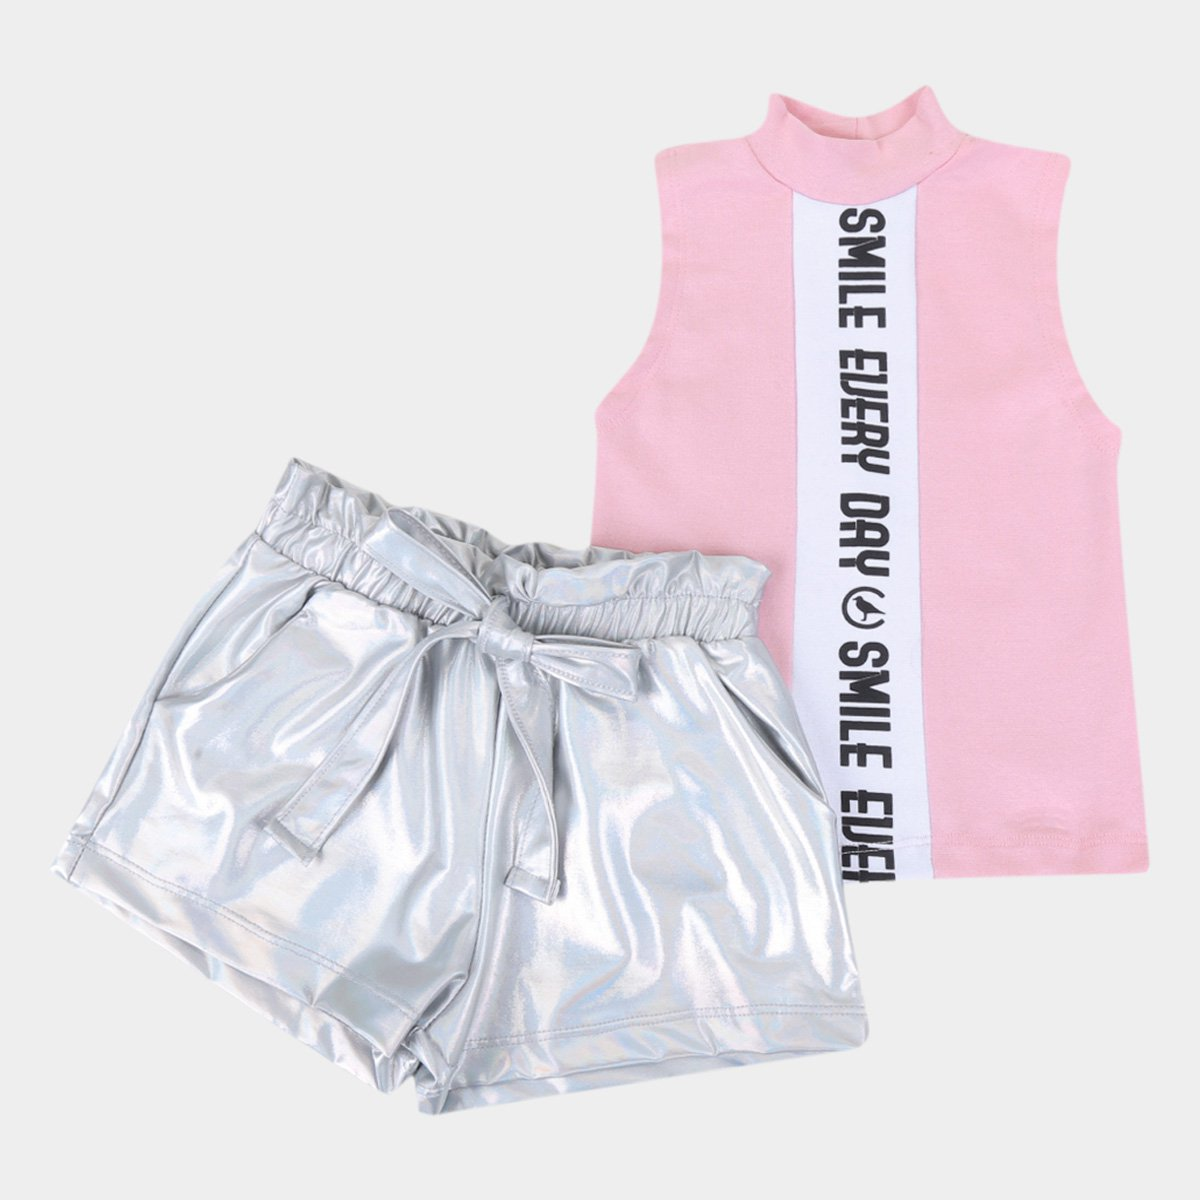 Conjunto Infantil Costão Cropped E Shorts Clochard Feminino